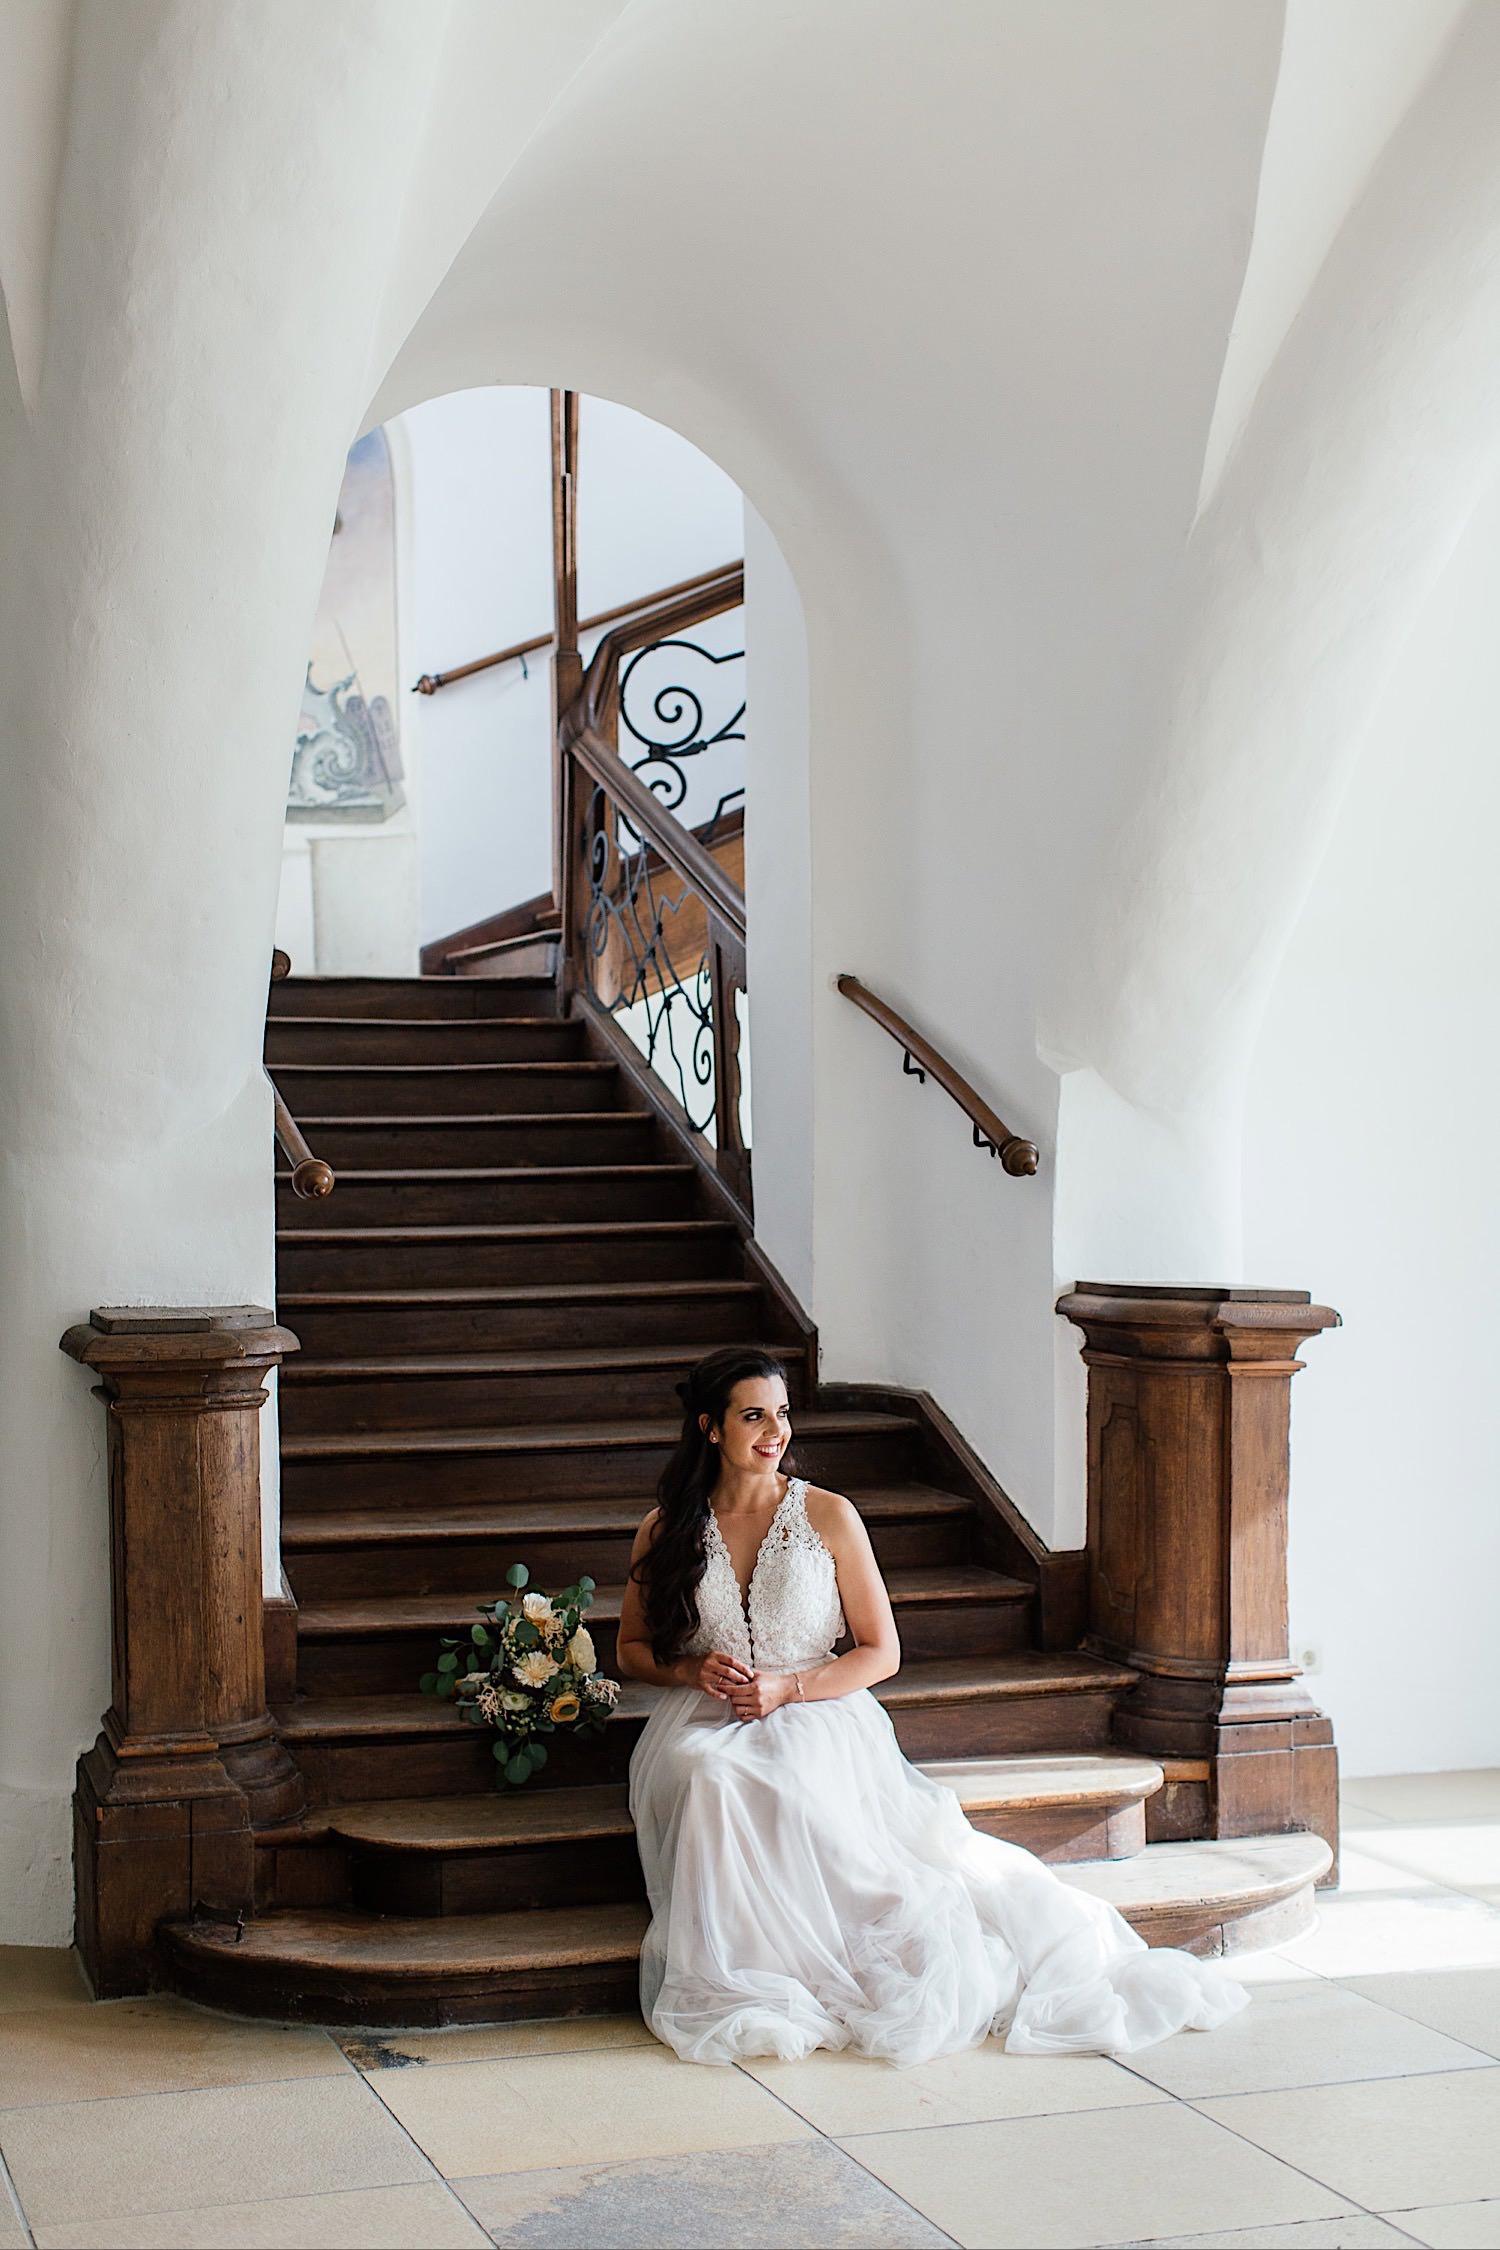 Hochzeitsfotograf für Biberach